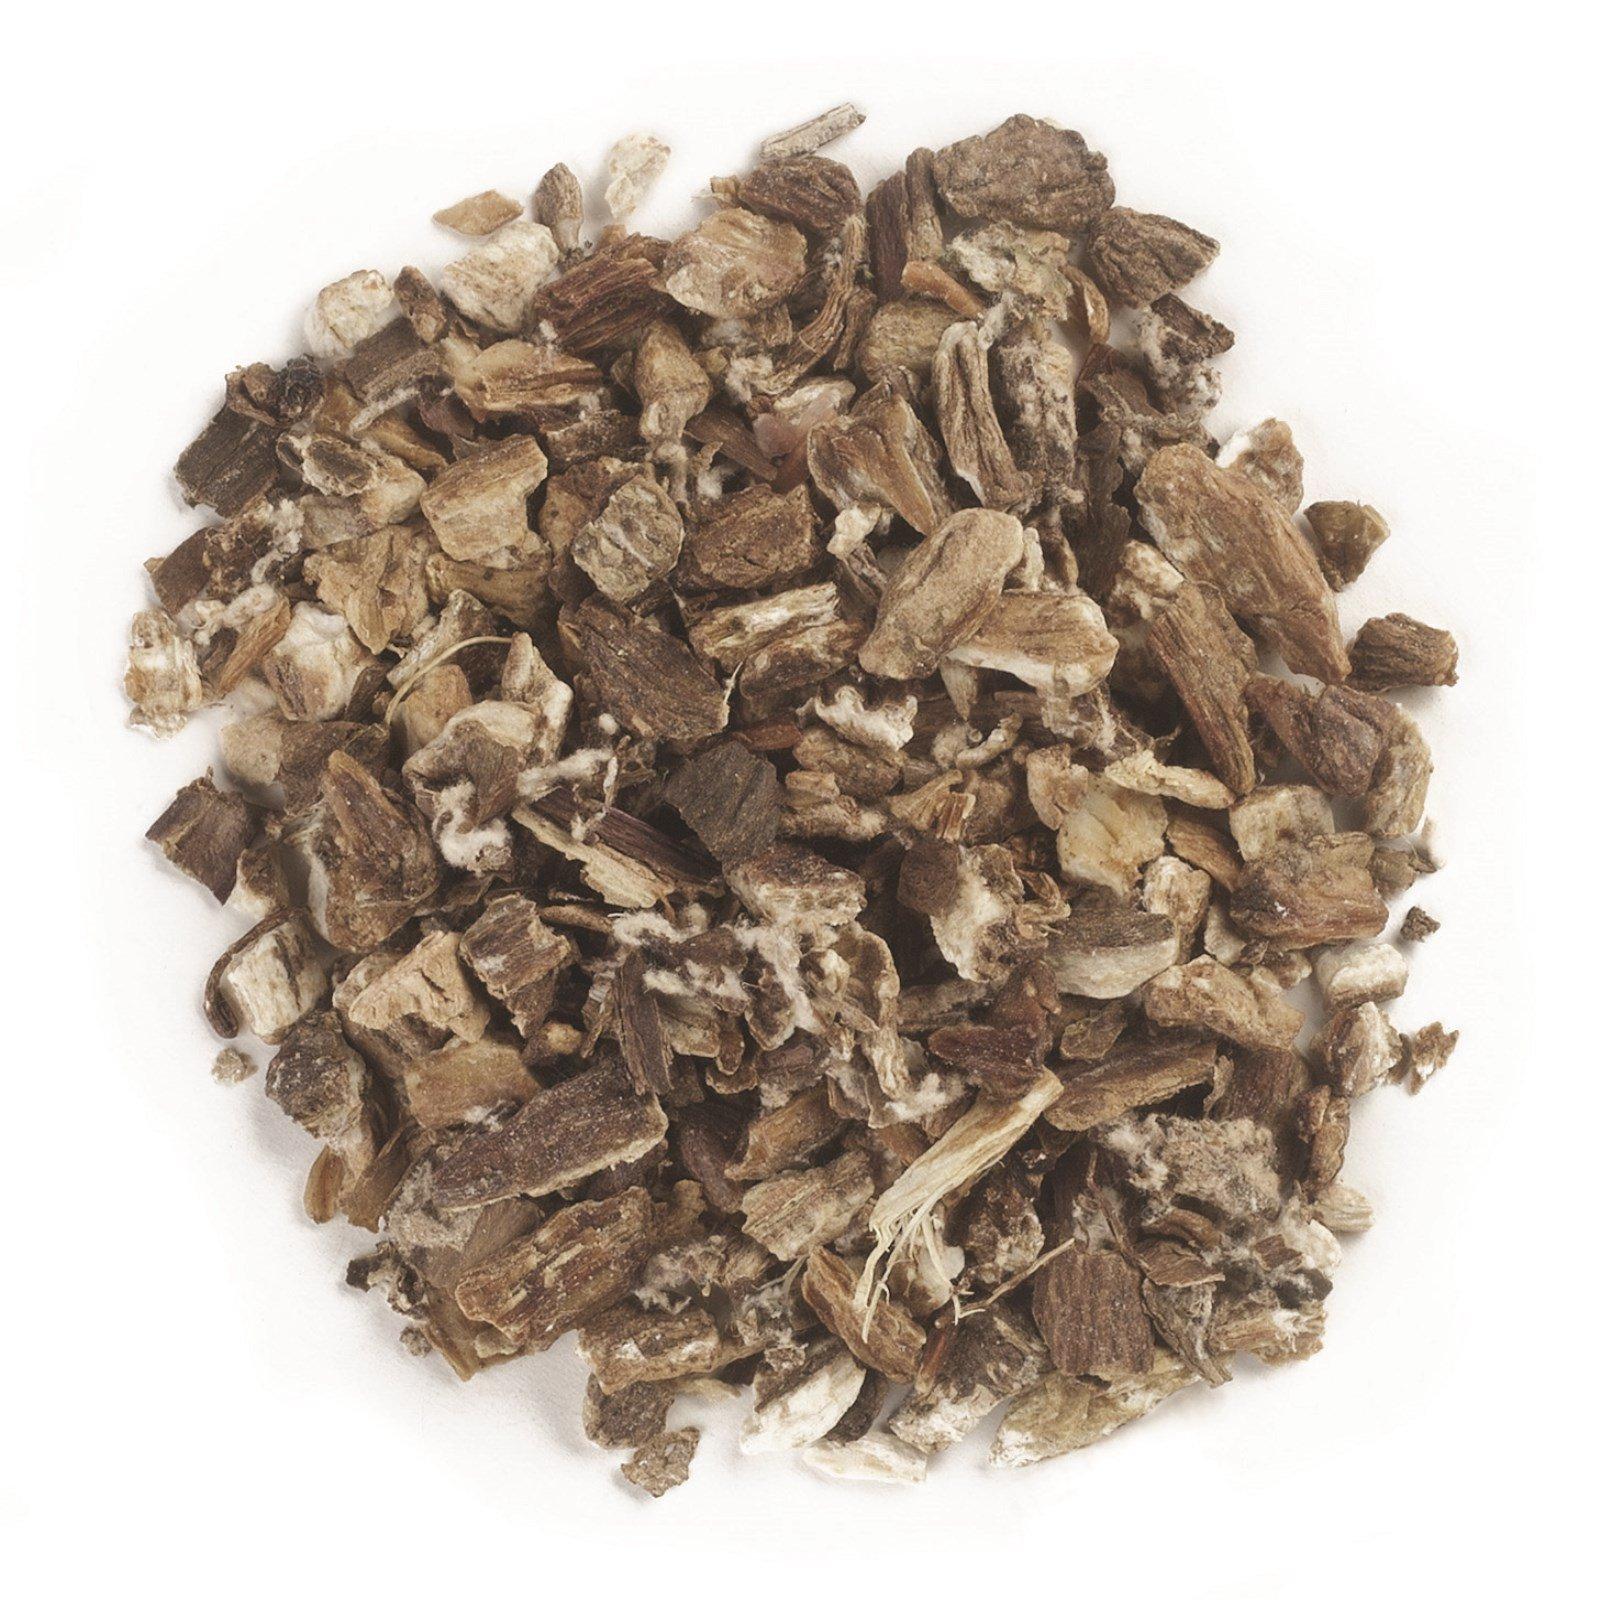 Frontier Natural Products, Органический порезанный и просеянный корень лопуха, 16 унций (453 г)